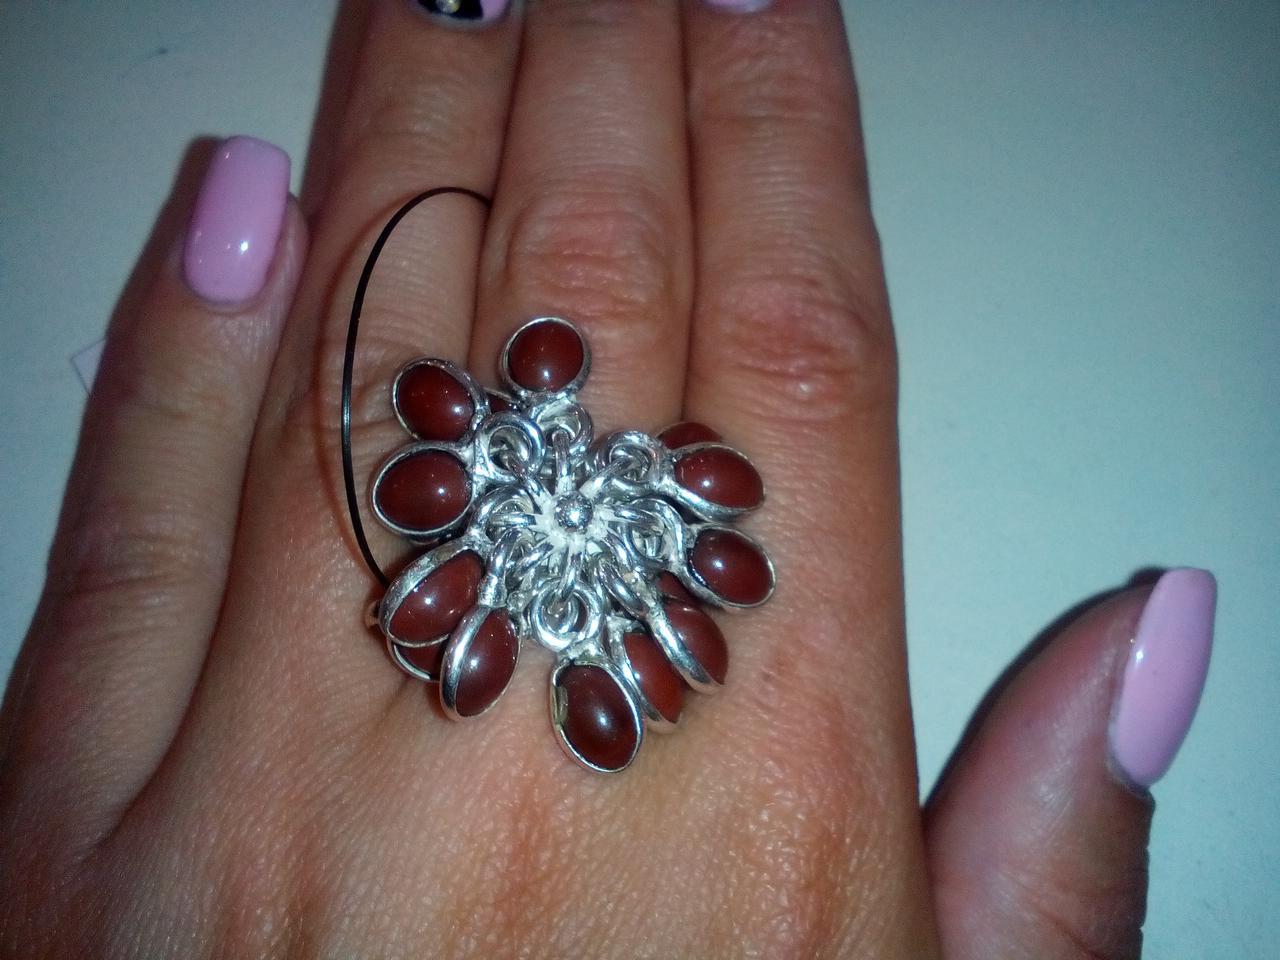 Сердолик кольцо с камнем сердолик в серебре размер 17,5-18 Индия!